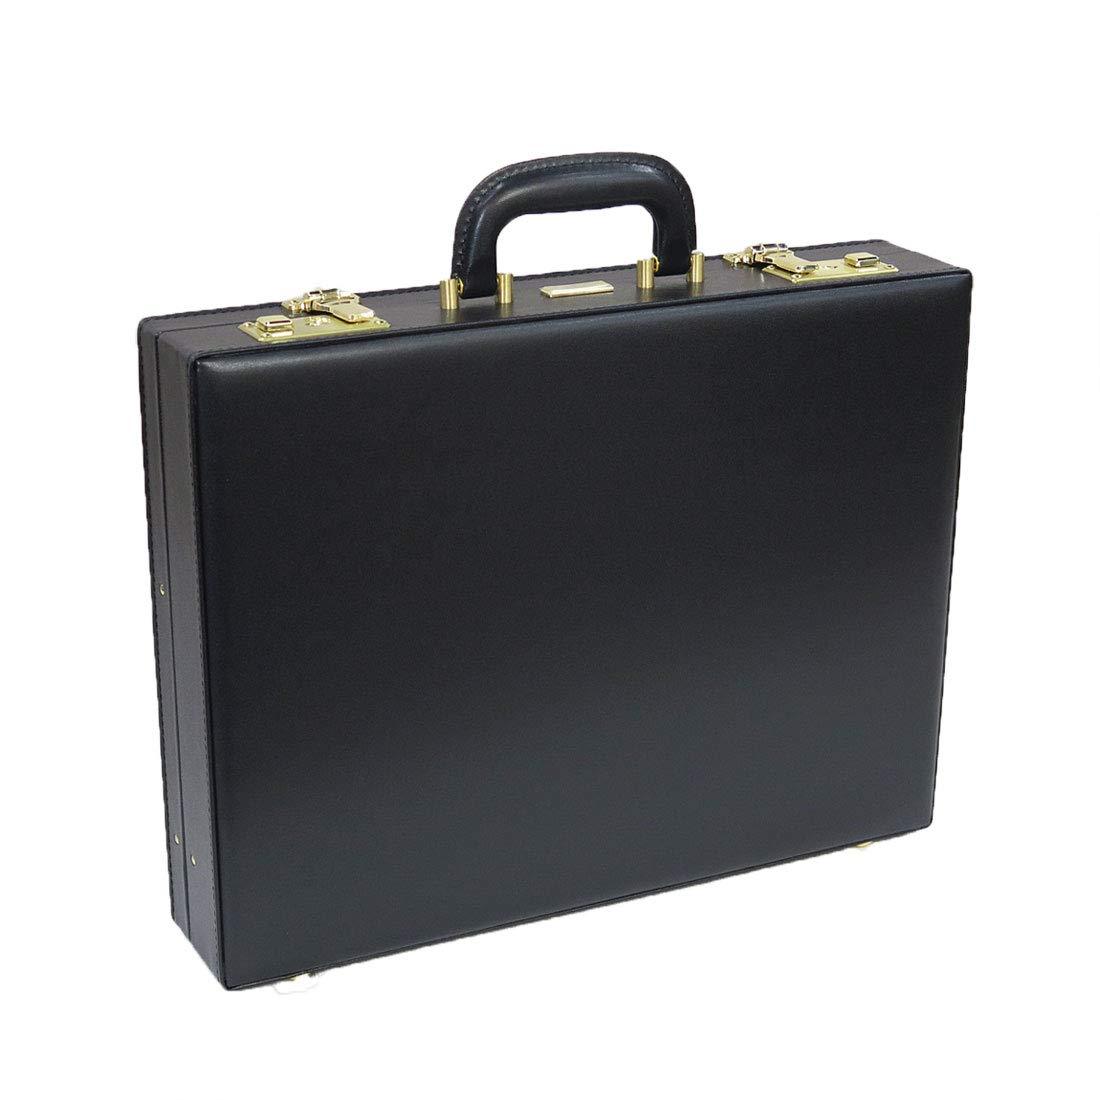 J.C HAMILTON 合成皮革製アタッシュケース 42cm[B4F対応]21227 (ブラック) B07HLBVTB9